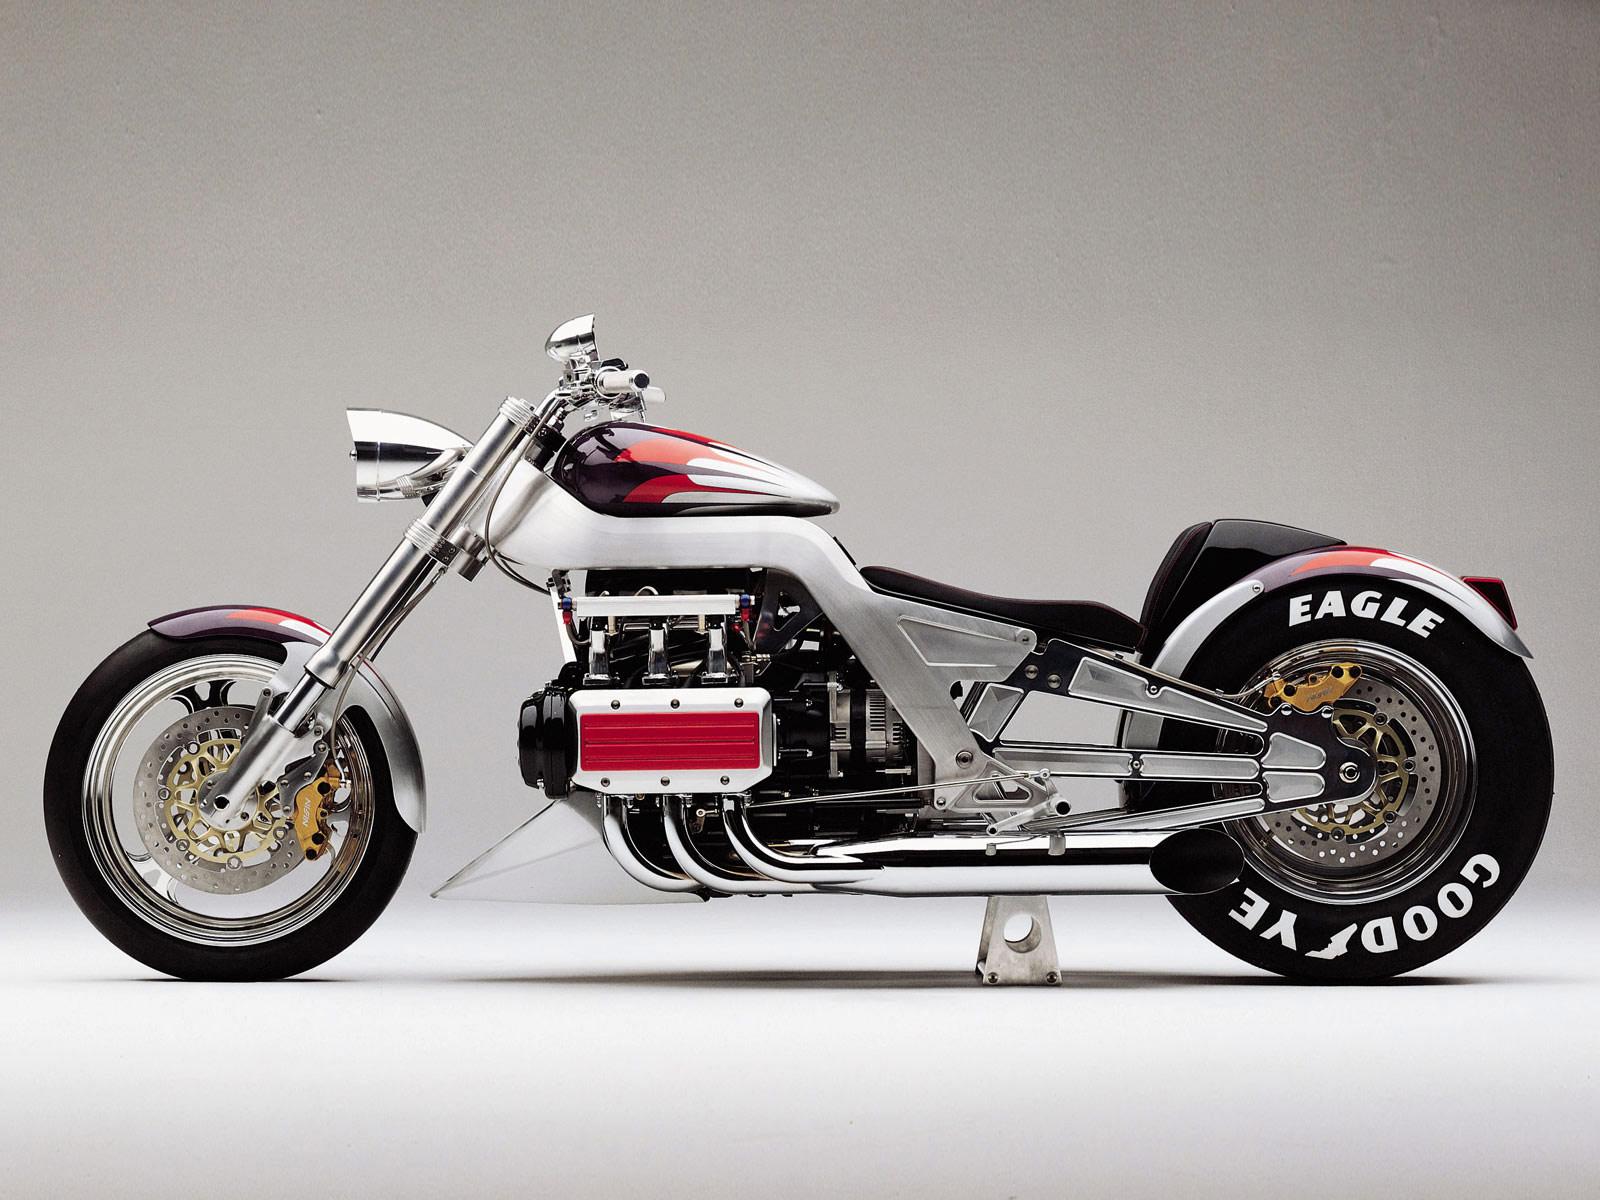 http://4.bp.blogspot.com/-7CNxggwLBSY/TiULW6HmVLI/AAAAAAAAAJ0/FXn2XZDqmbM/s1600/honda_T4_Concept_2000_motorcycle-desktop-wallpaper_01.jpg